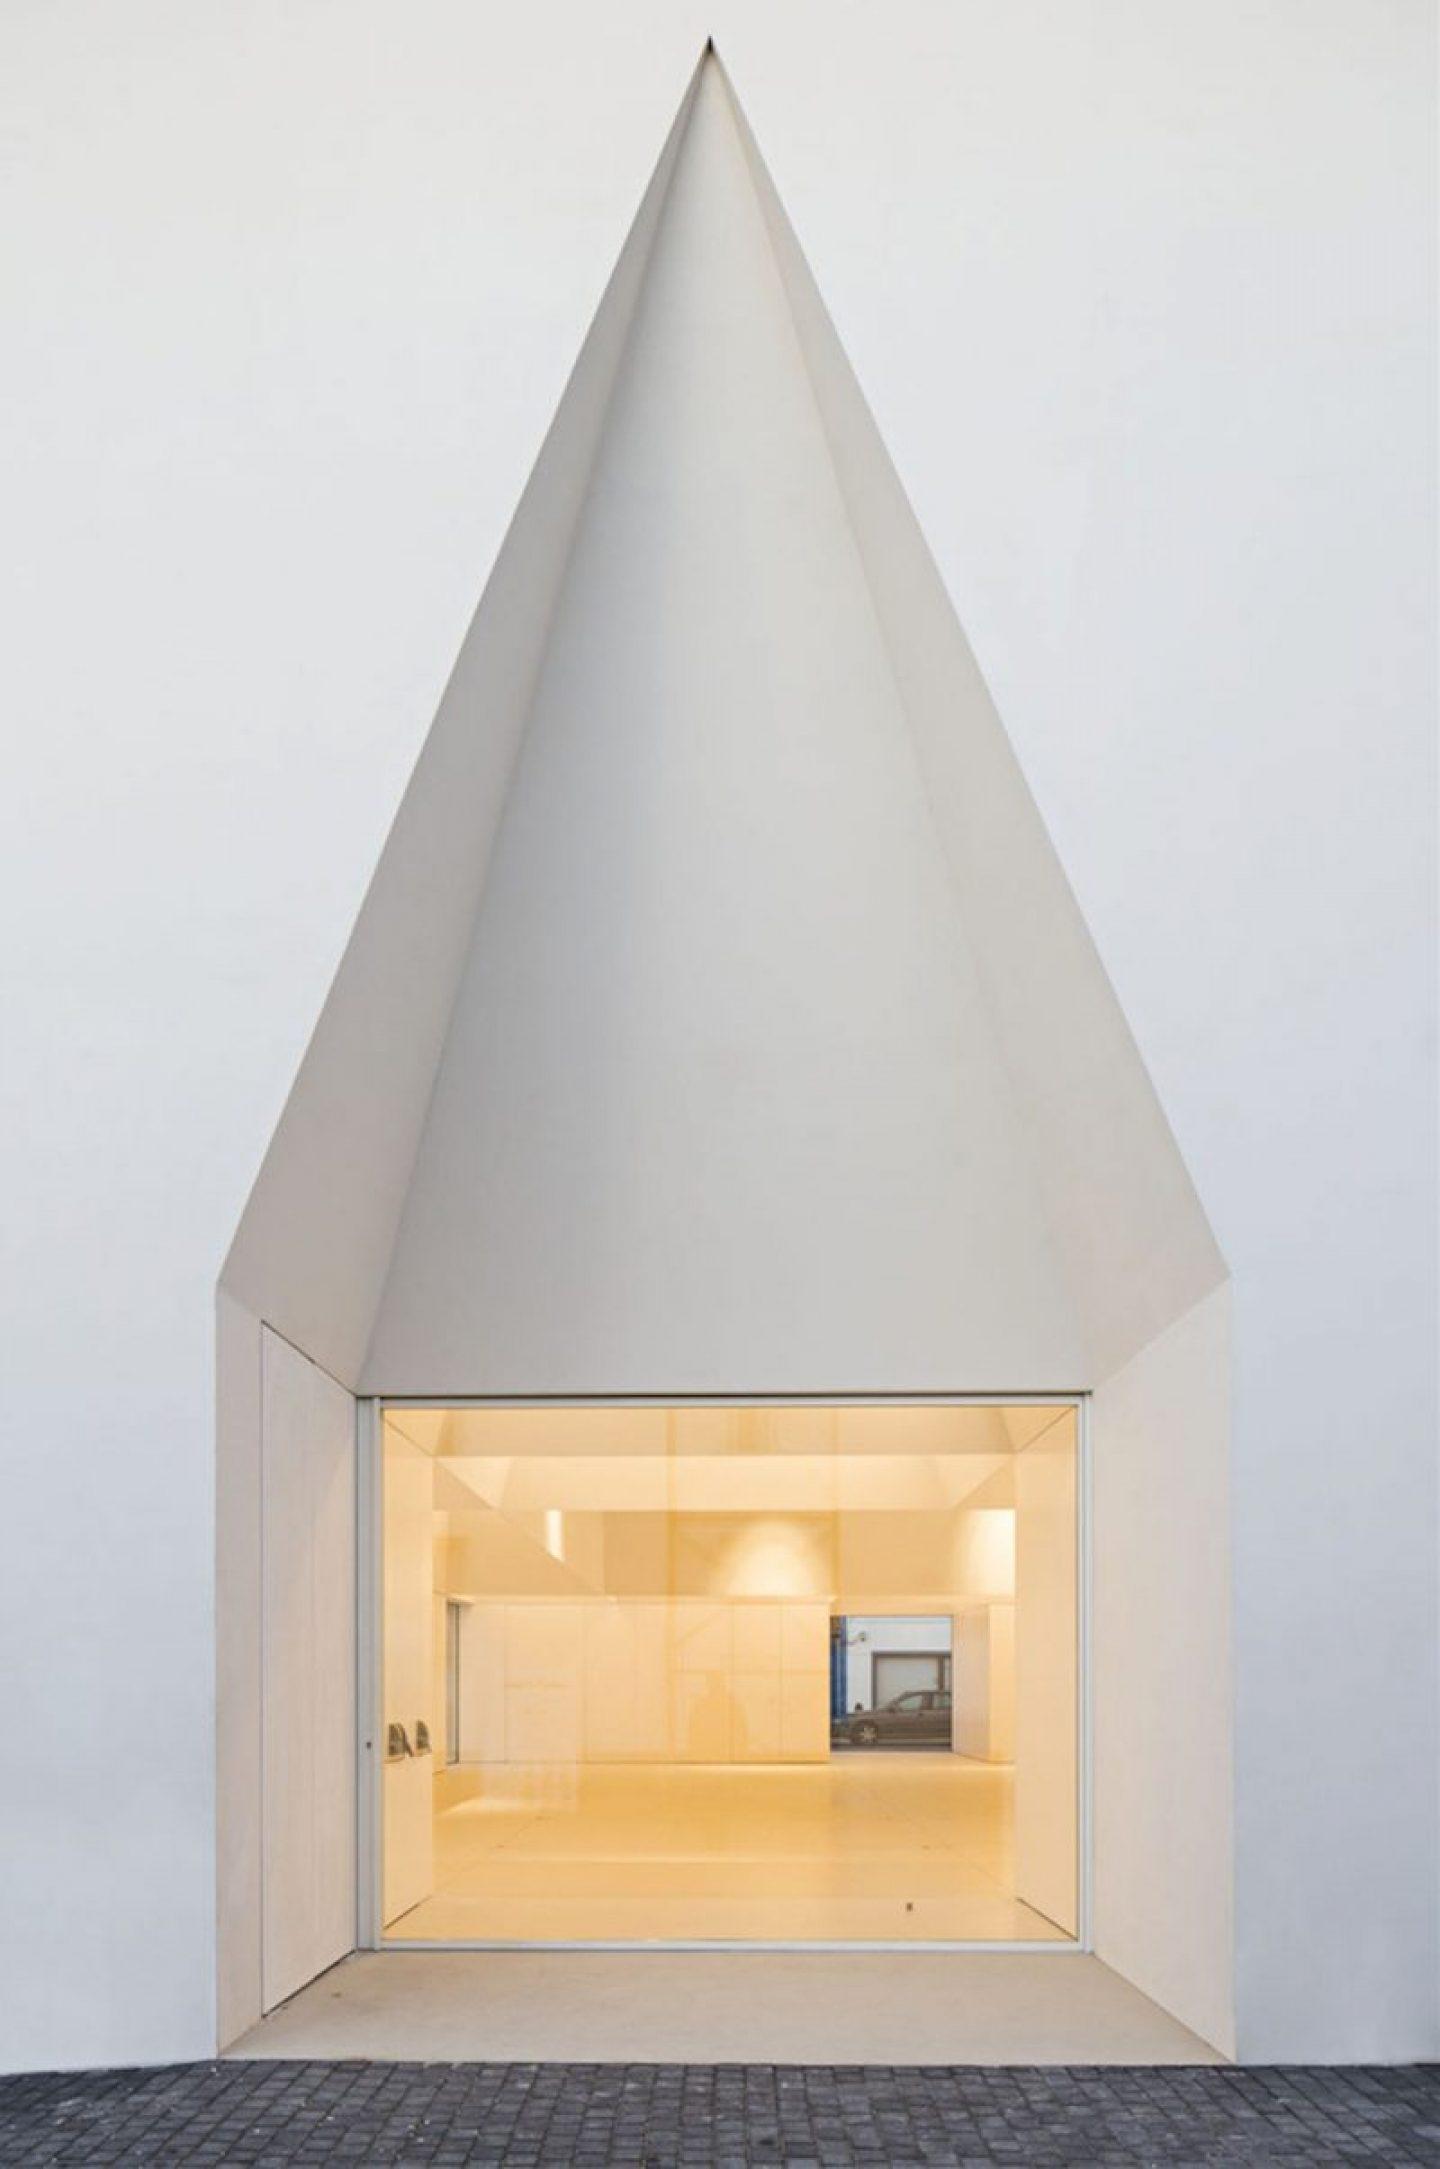 iGNANT_Architecture_Aires_Mateus_Monolithic_Meeting_Center_02